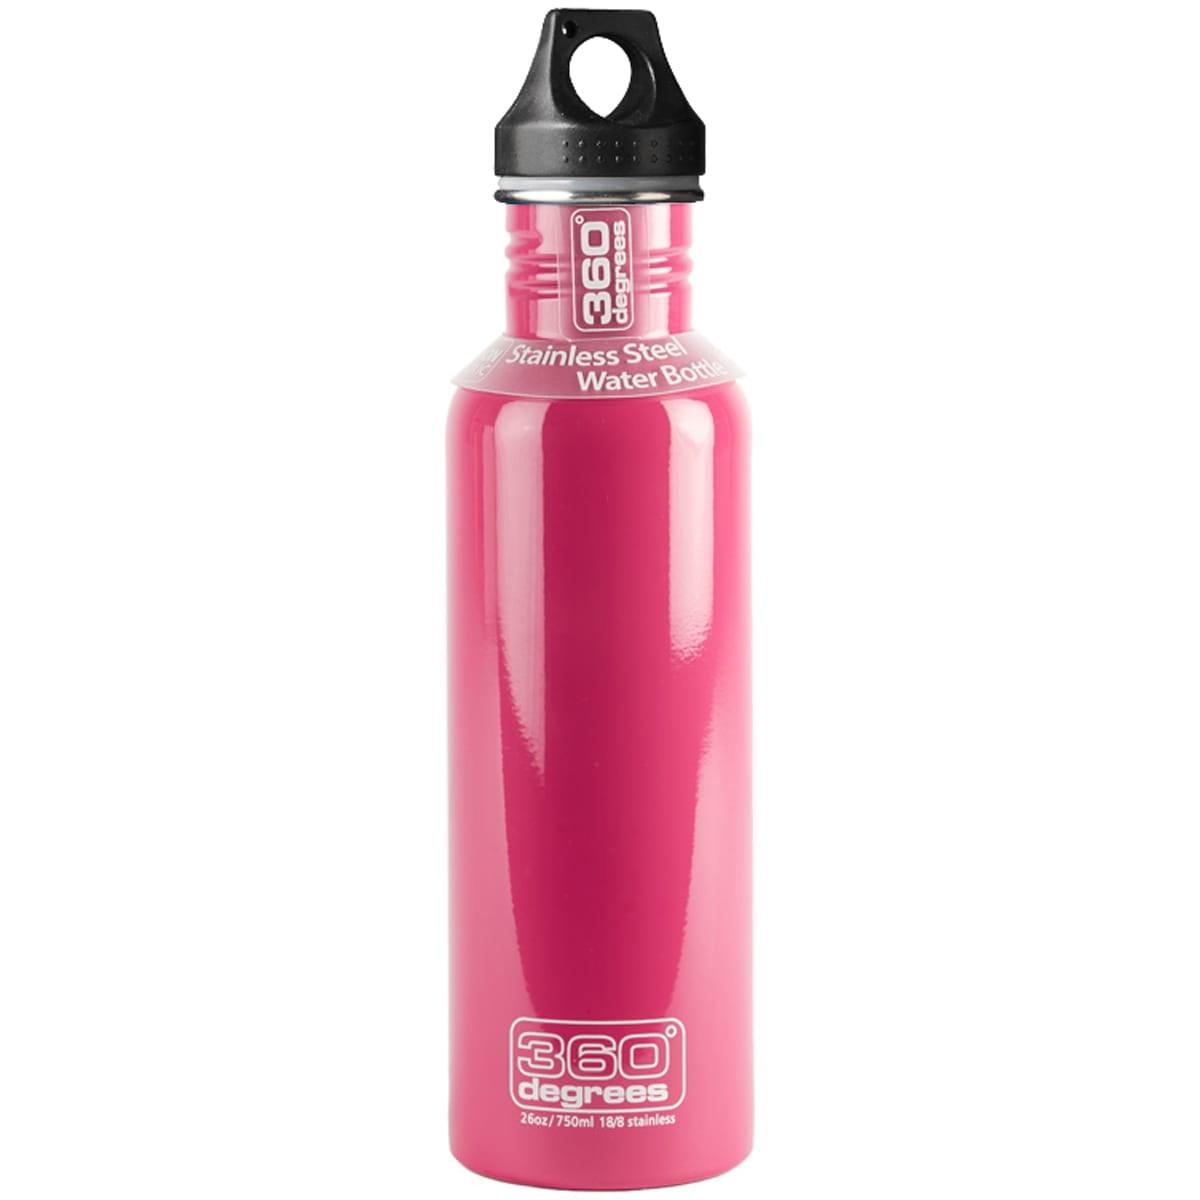 360° degrees Stainless Drink Bottle - 750 ml - Trinkflasche pink - Bild 4